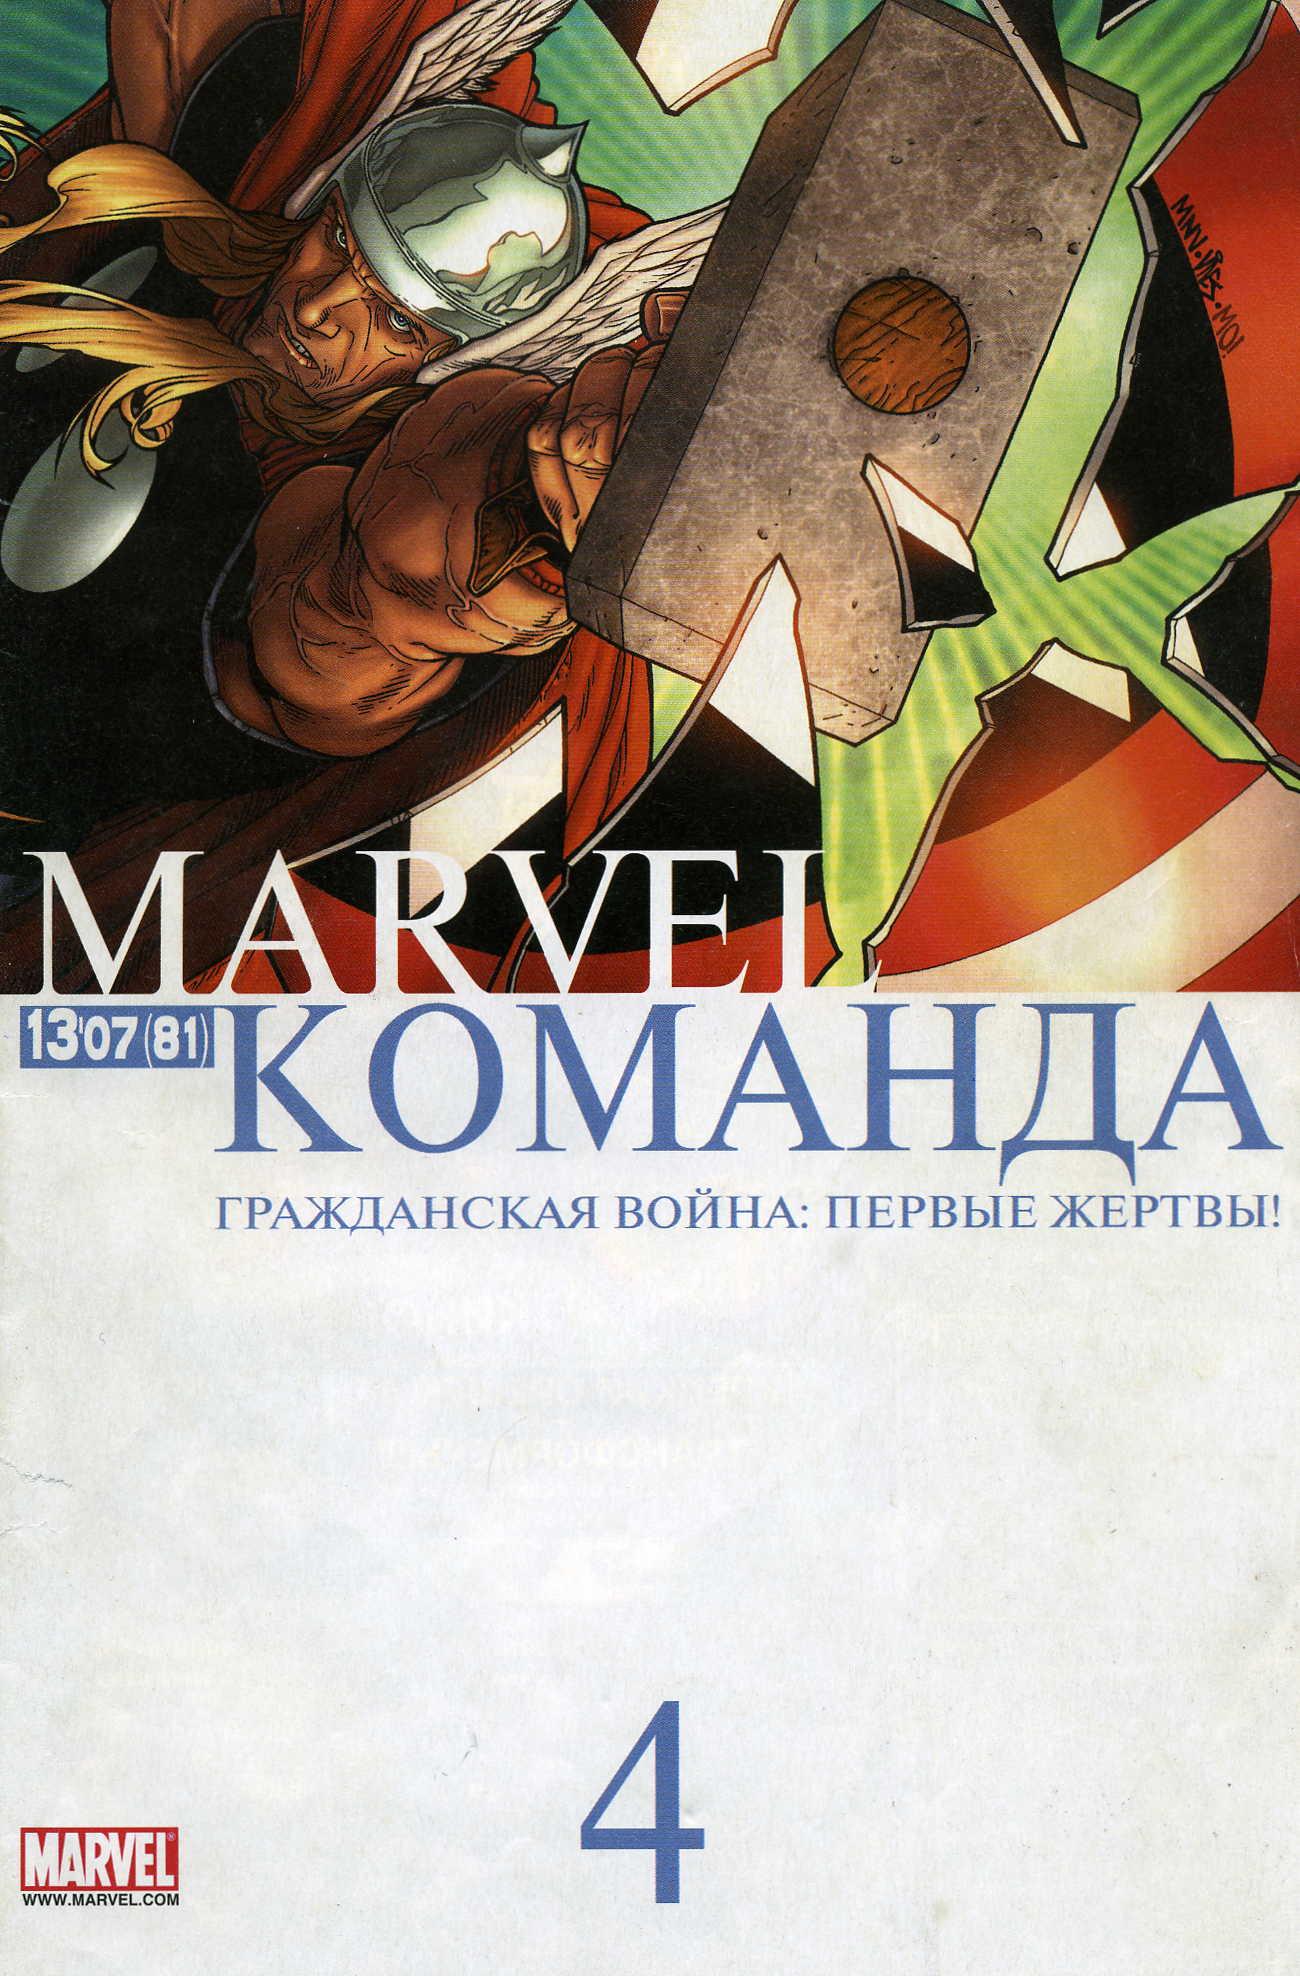 Комиксы Онлайн - Марвел Команда ИДК - # 4 - Страница №1 - Marvel Команда ИДК - Marvel Команда # 81